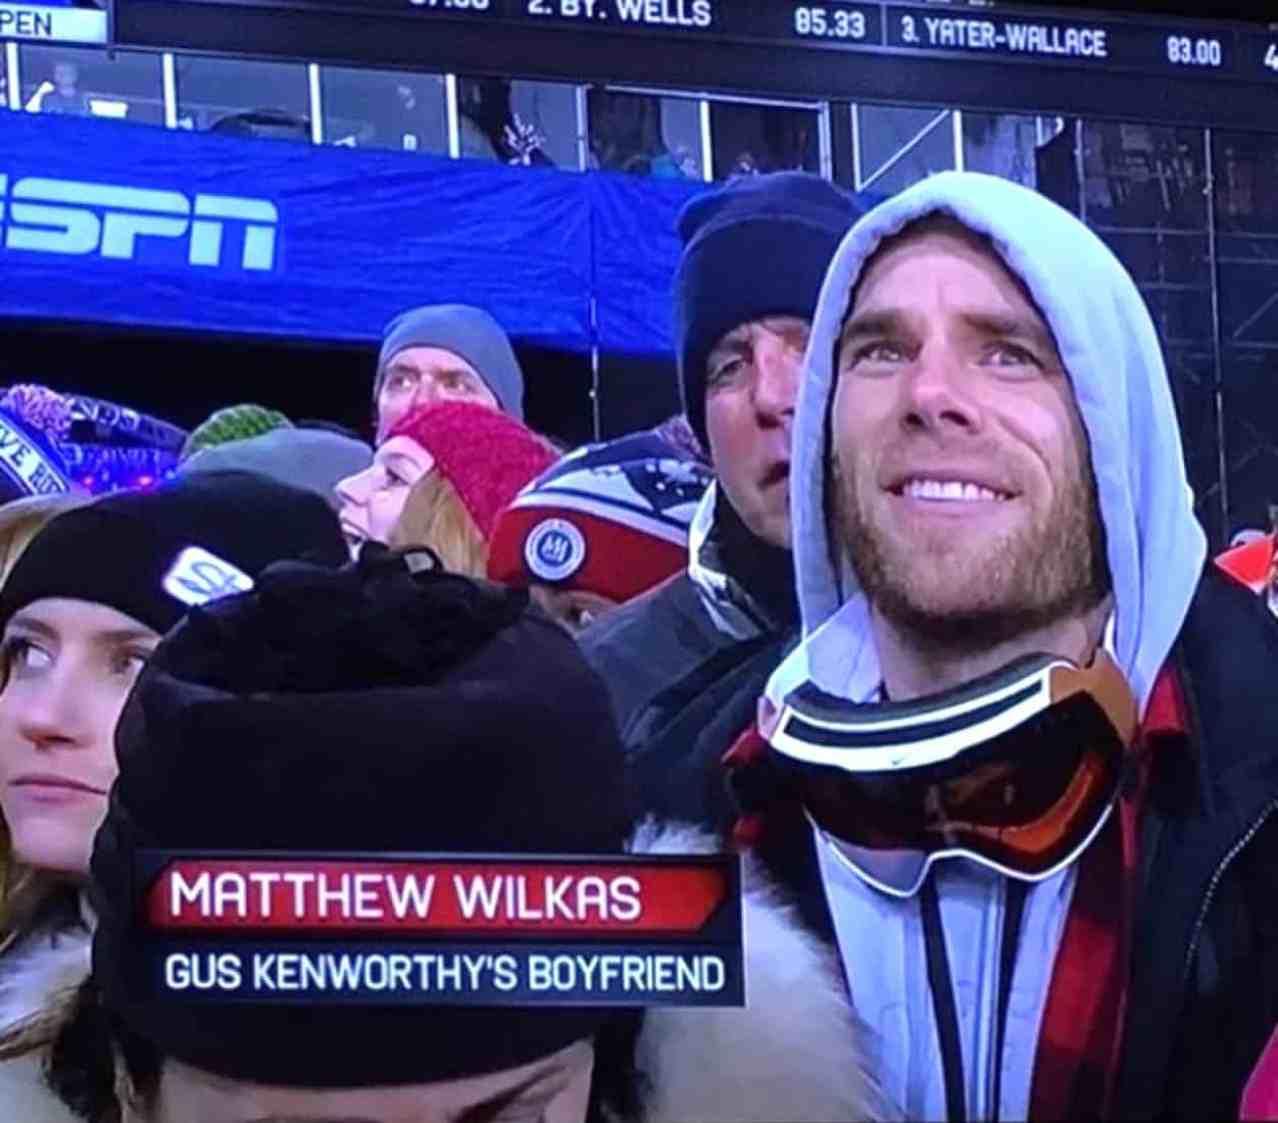 Matthew Wilkas gus ken worthy x games boyfriend